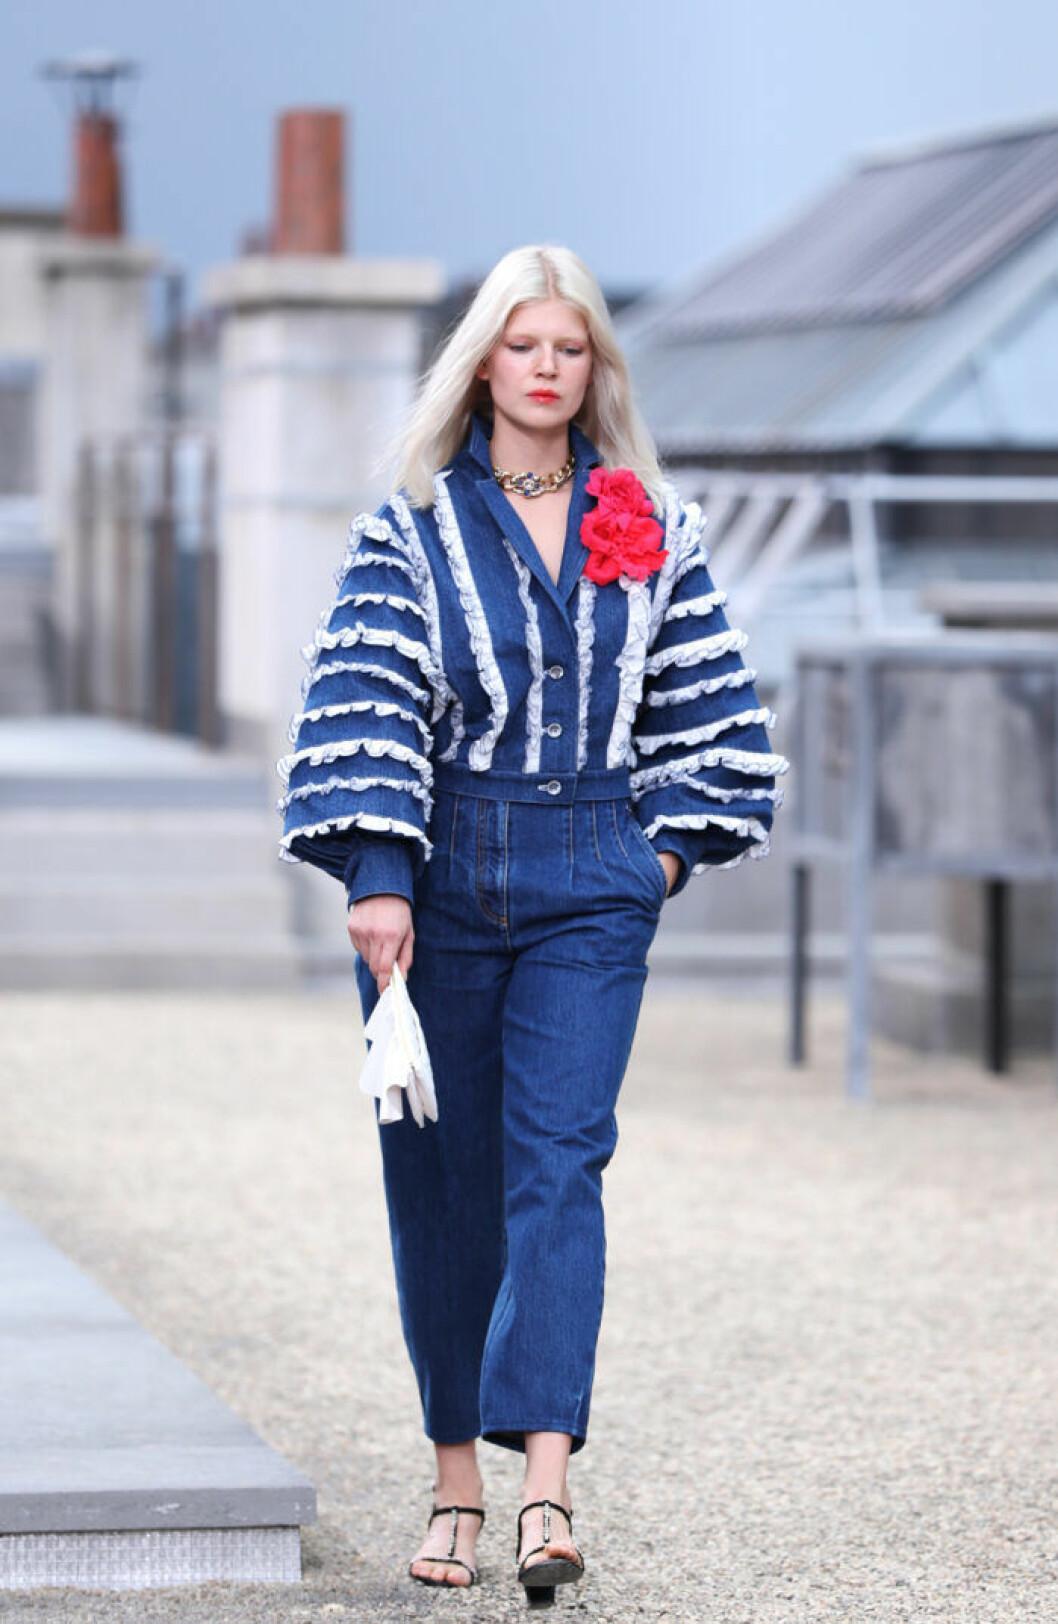 Trender våren 2020 Denim Chanel Modell bär blå jeans och denimjacka